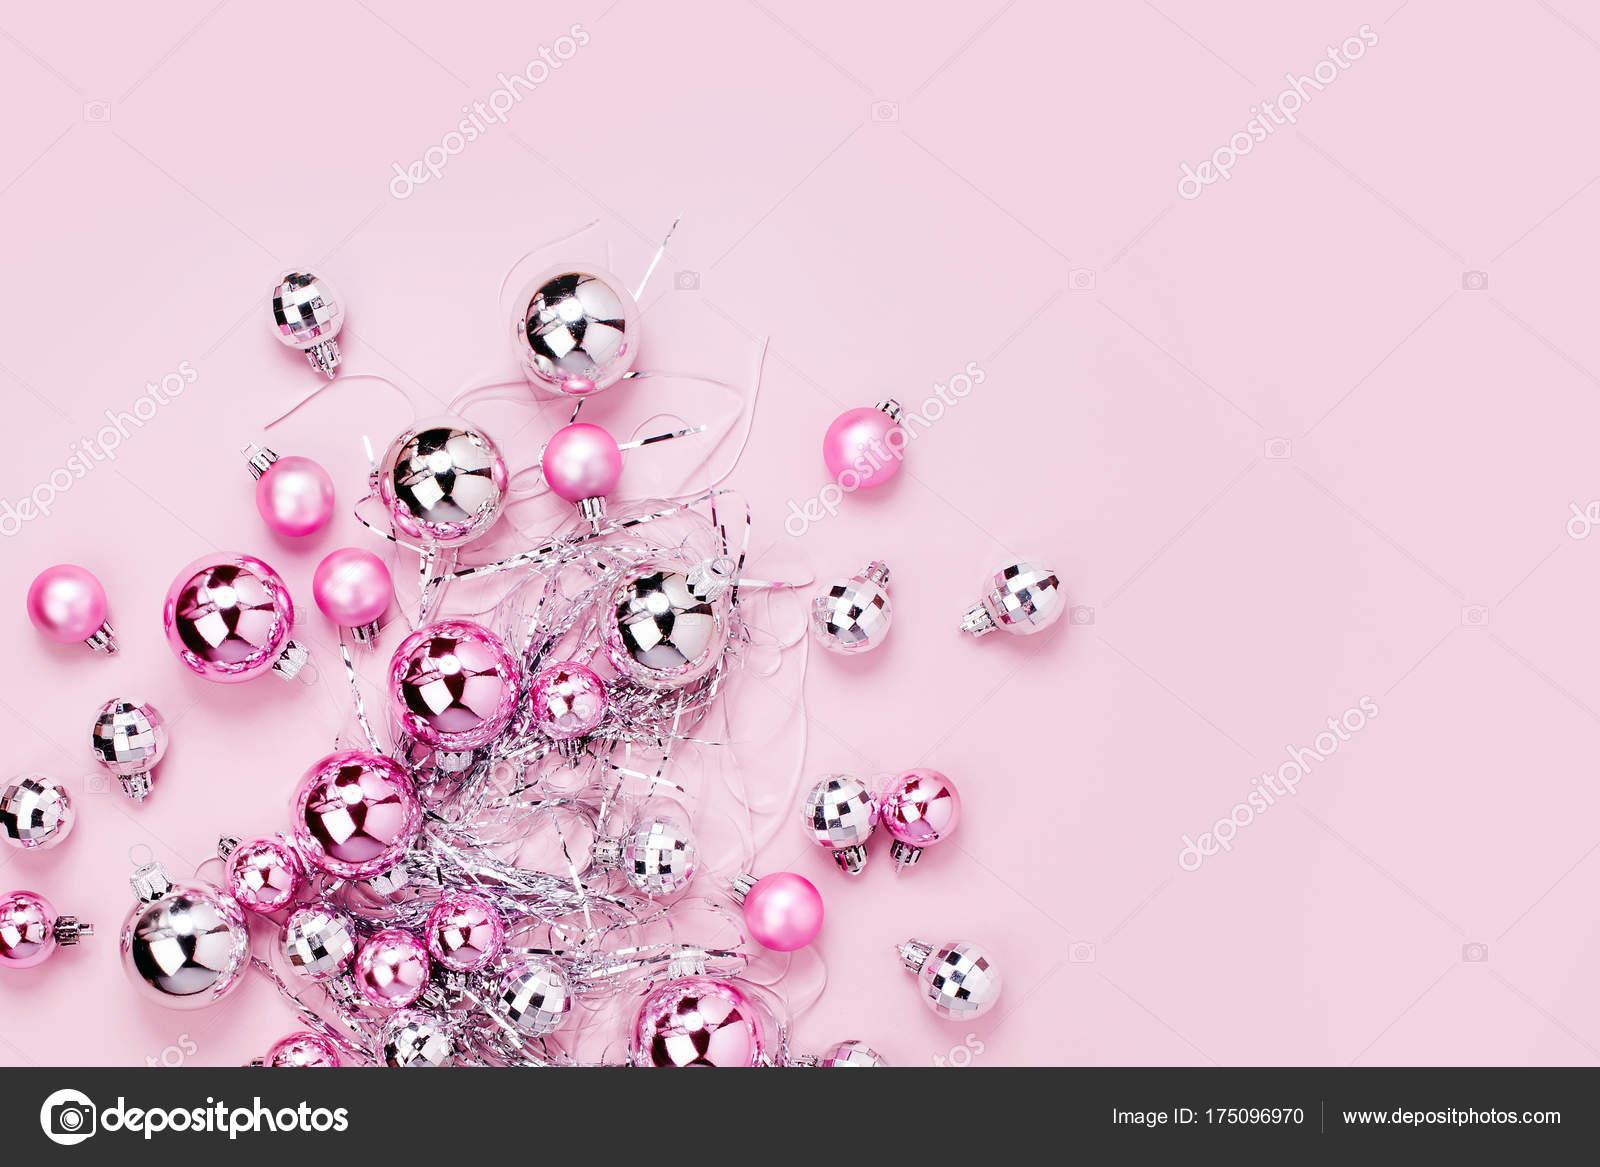 Christbaumkugeln Rosa.Glanzende Christbaumkugeln Und Lametta Auf Rosa Hintergrund